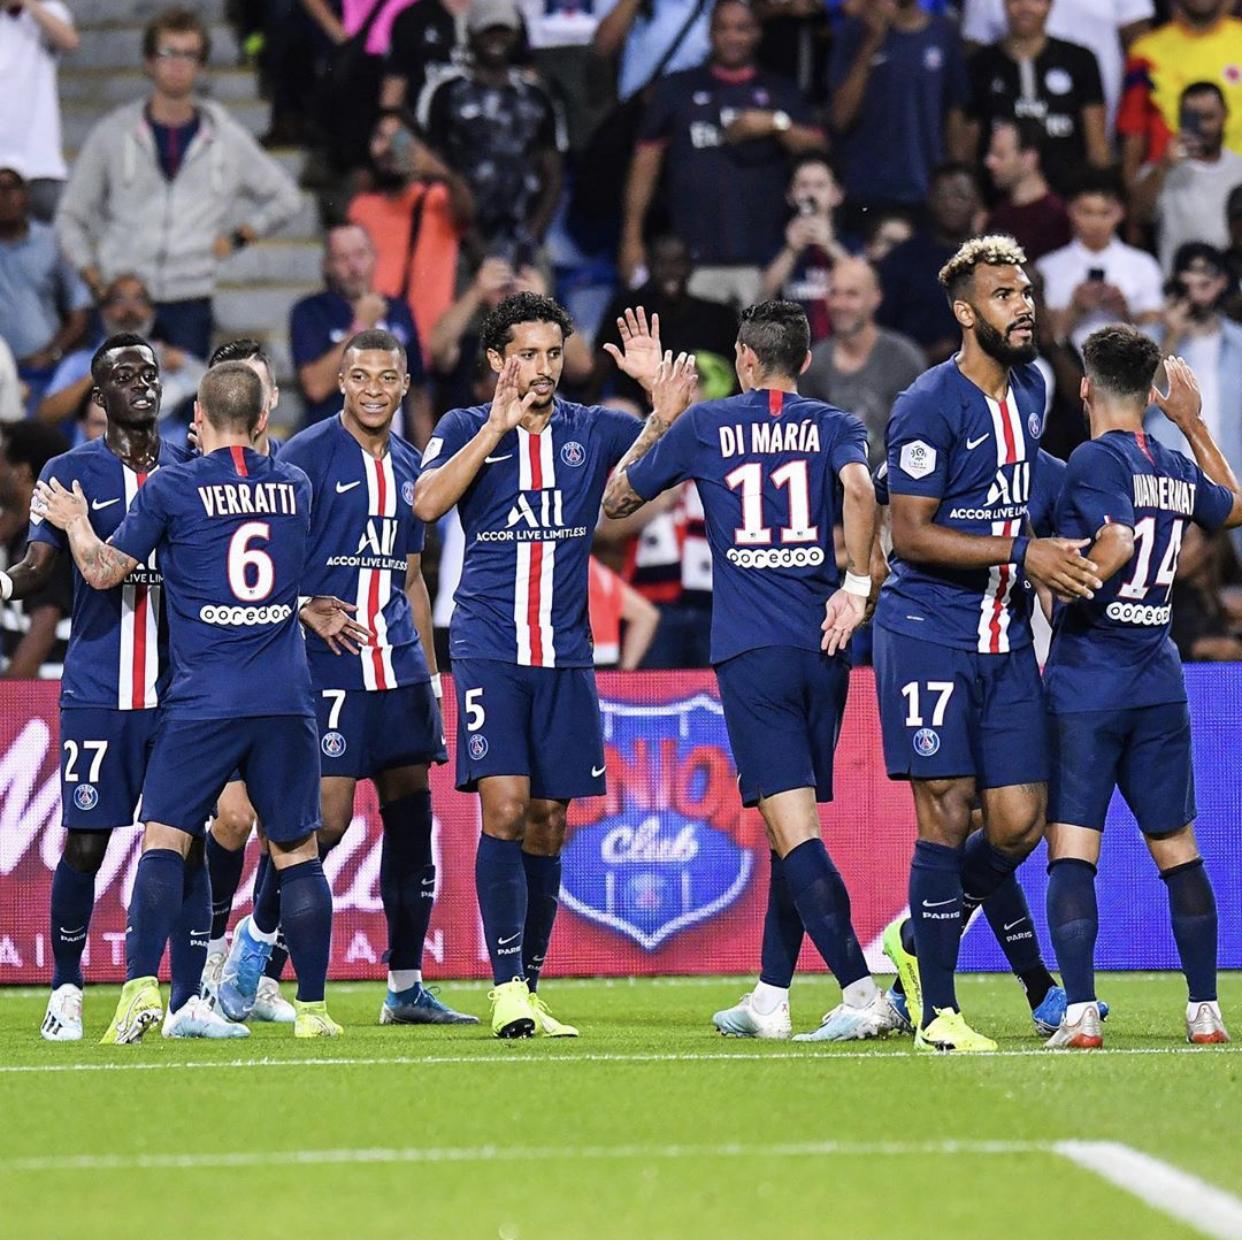 Ligue 1 : Première titularisation de Gana Guèye avec le PSG qui étrille Toulouse (4-0). Mbappé, Cavani et Diallo sortent sur blessure...